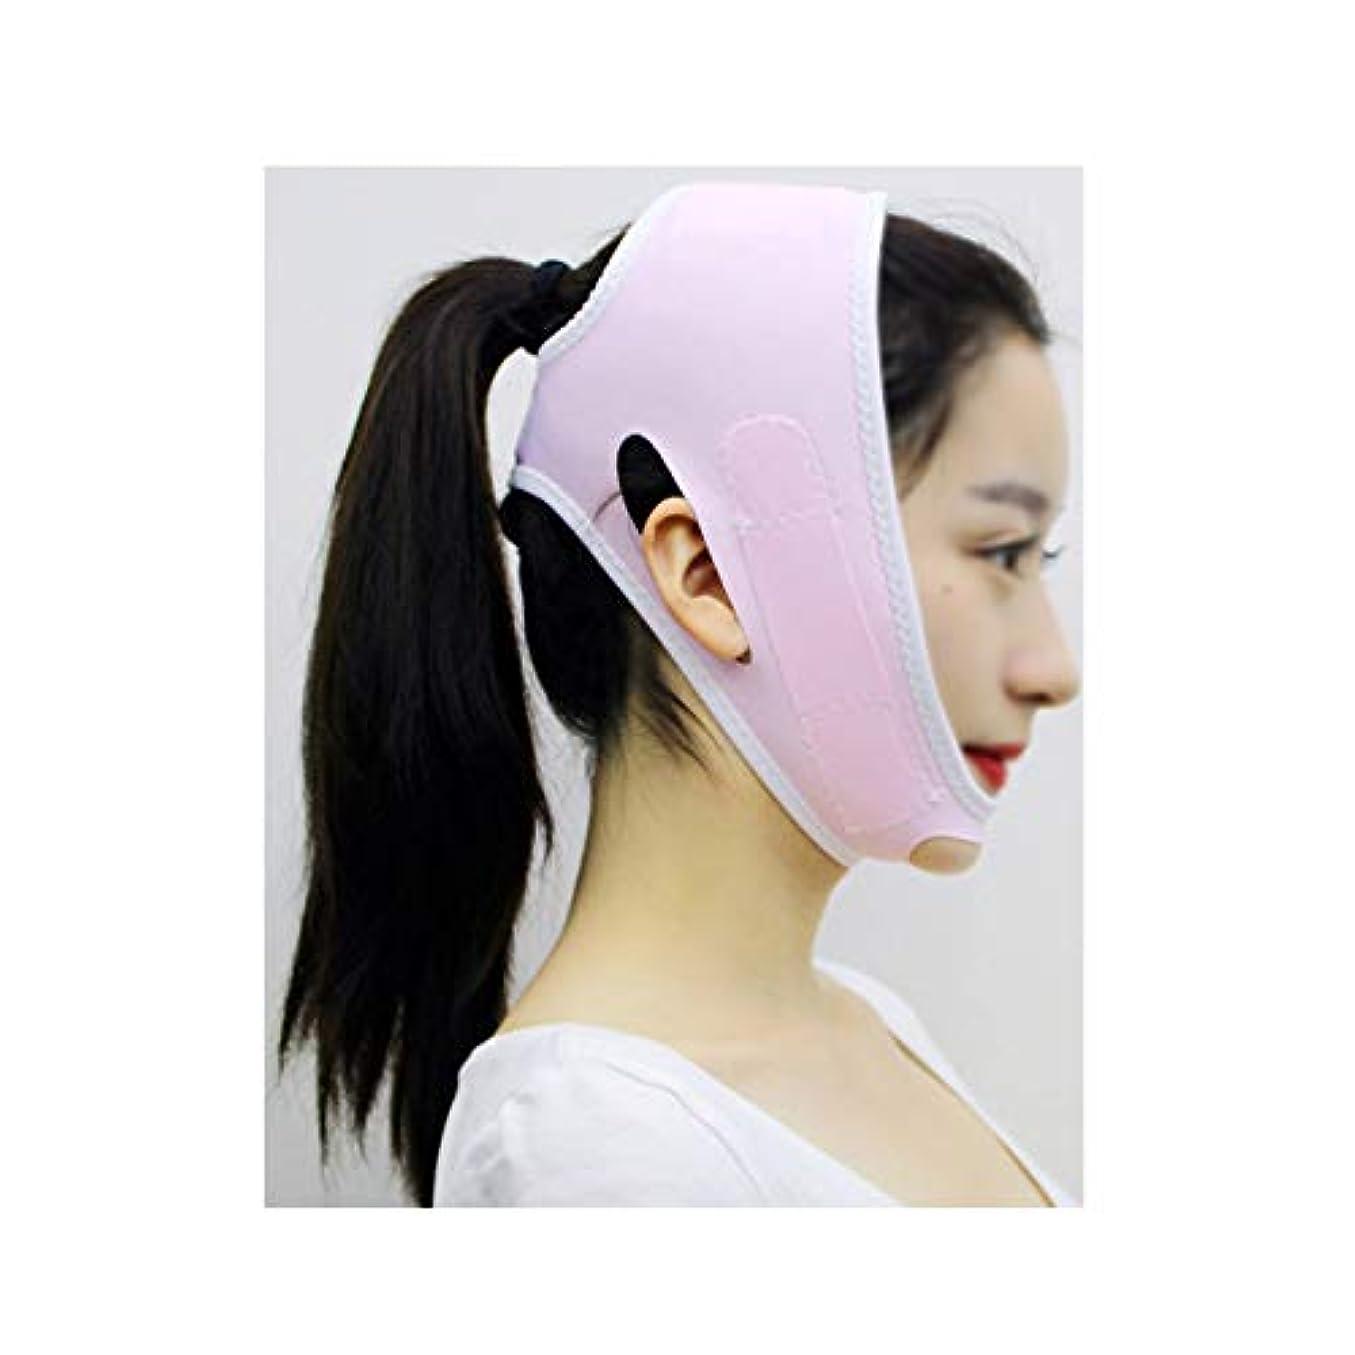 話をする遊具かみそりGLJJQMY 包帯ヘッドギアマスクの顔Vの顔の薄い顔のアーティファクトプラスチック美容ゴムバンドフェイスリフトネックリフト後薄い顔マスクあごベルトの回復 顔用整形マスク (Color : Pink)